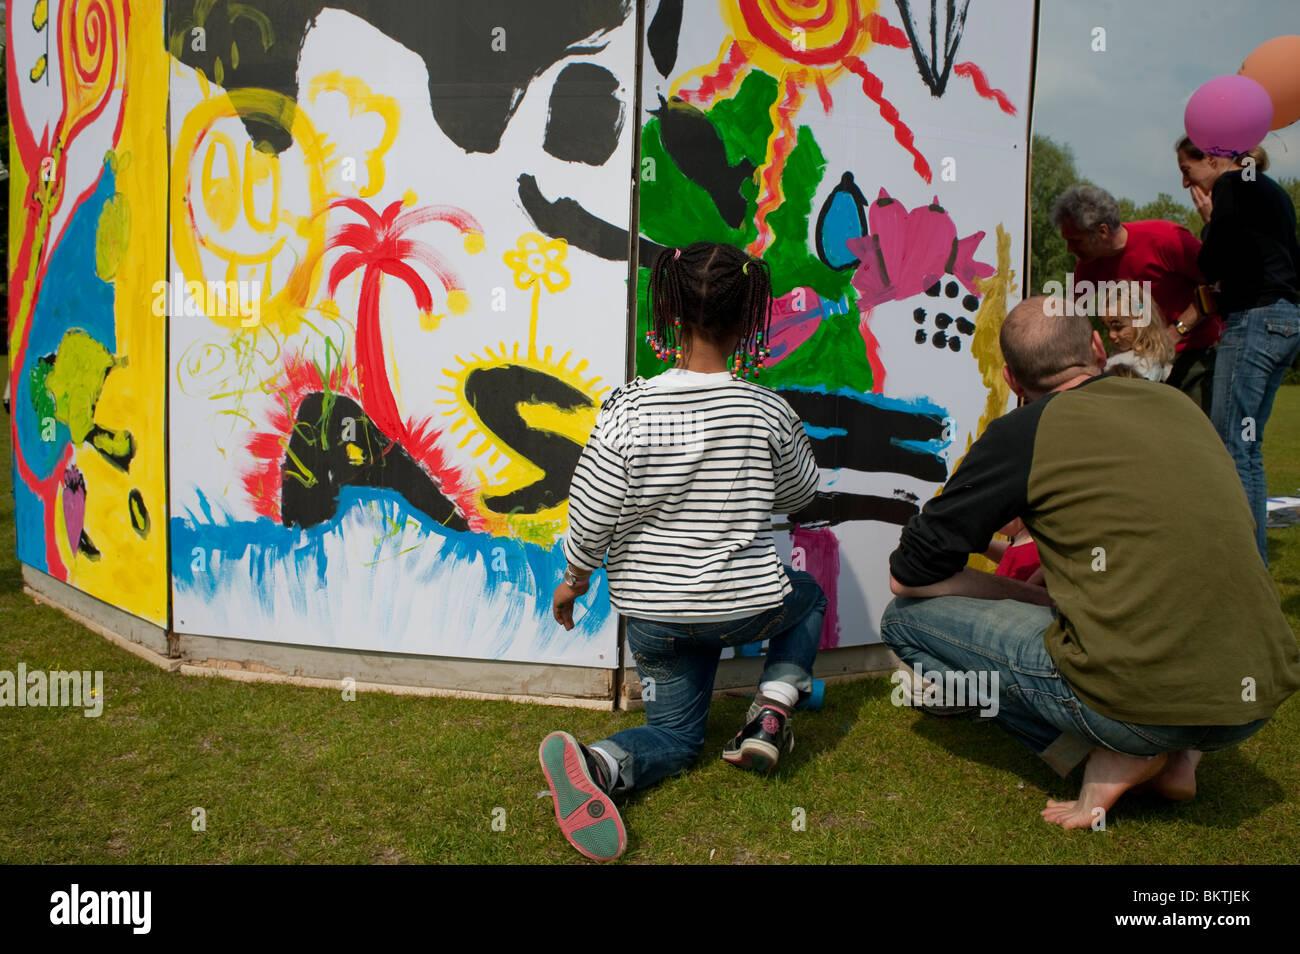 """Famiglie alla celebrazione del mondo """"commercio equo"""" giorno, con bambini pittura parete, sul prato di Immagini Stock"""